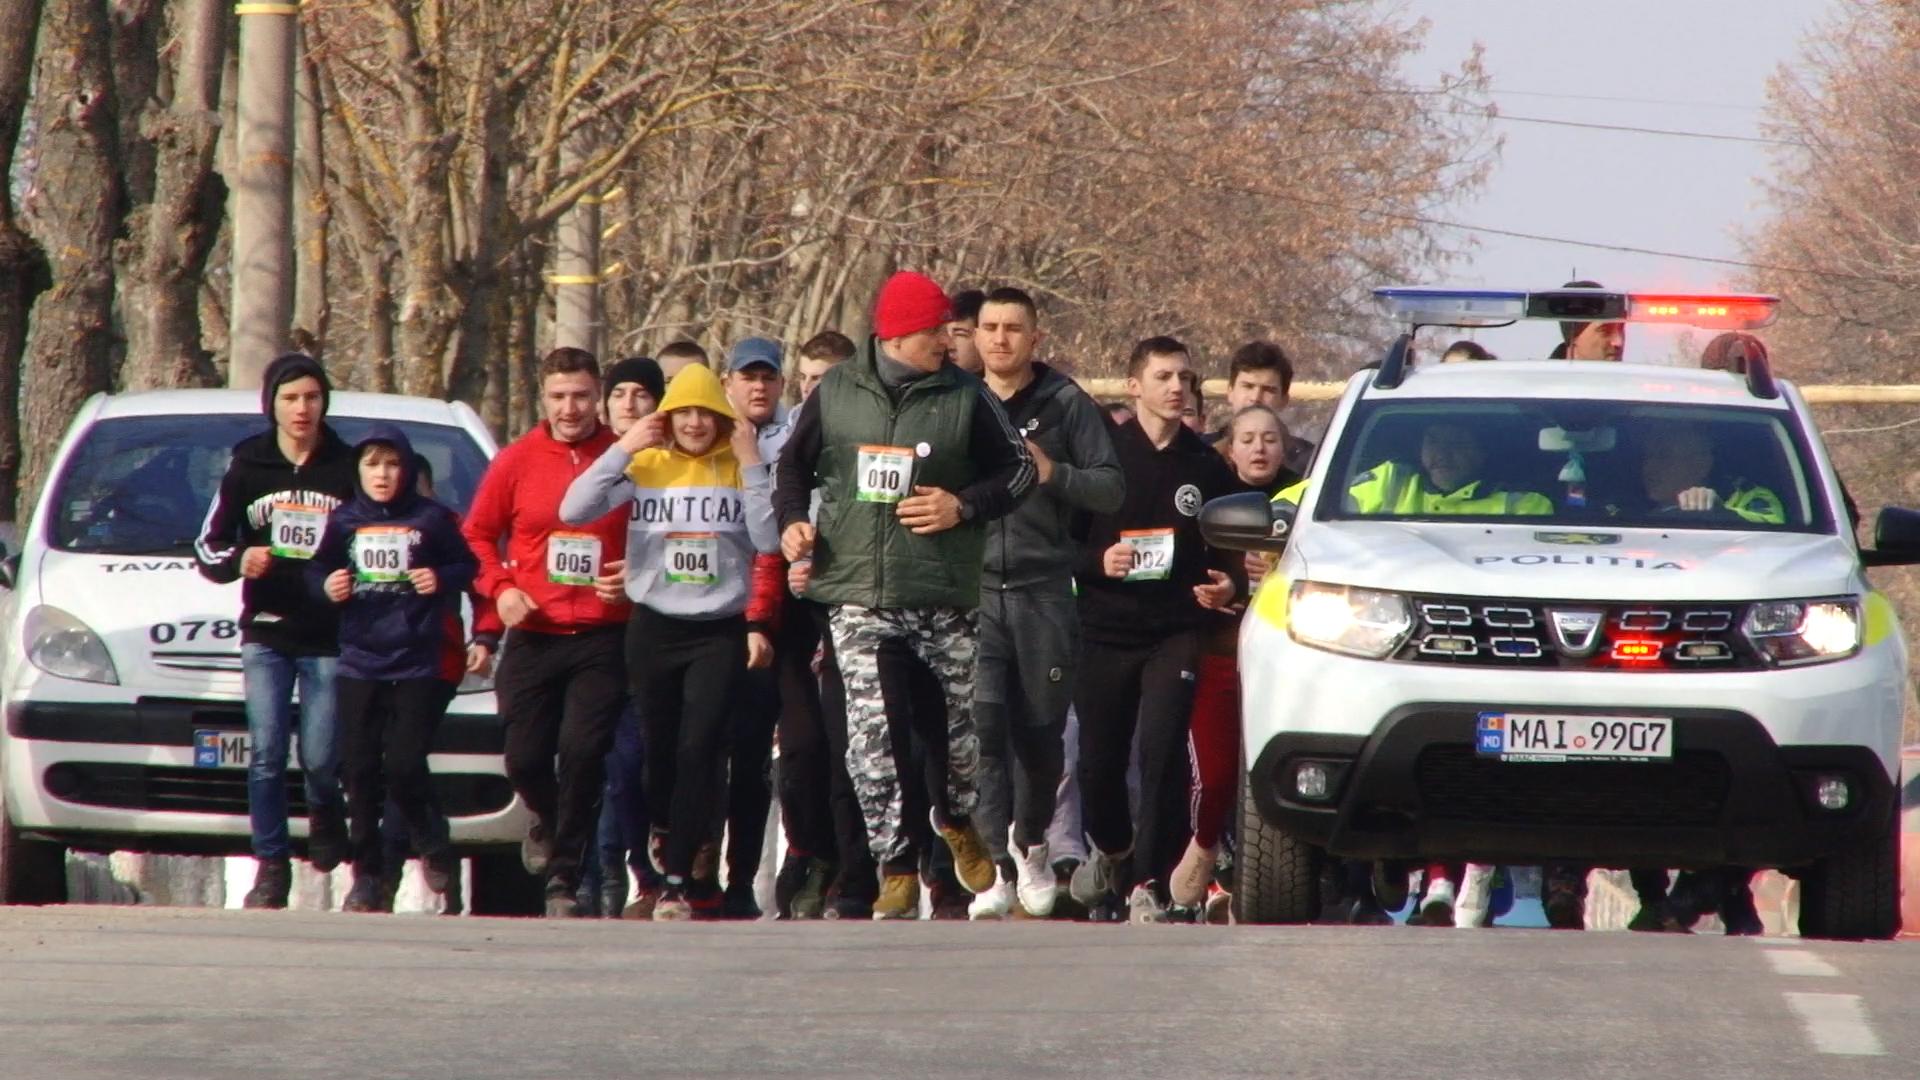 VIDEO | Alergăm pentru Varvara! Peste 150 de persoane au alergat, la Ocnița, pentru a salva viața unei micuțe bolnavă de cancer